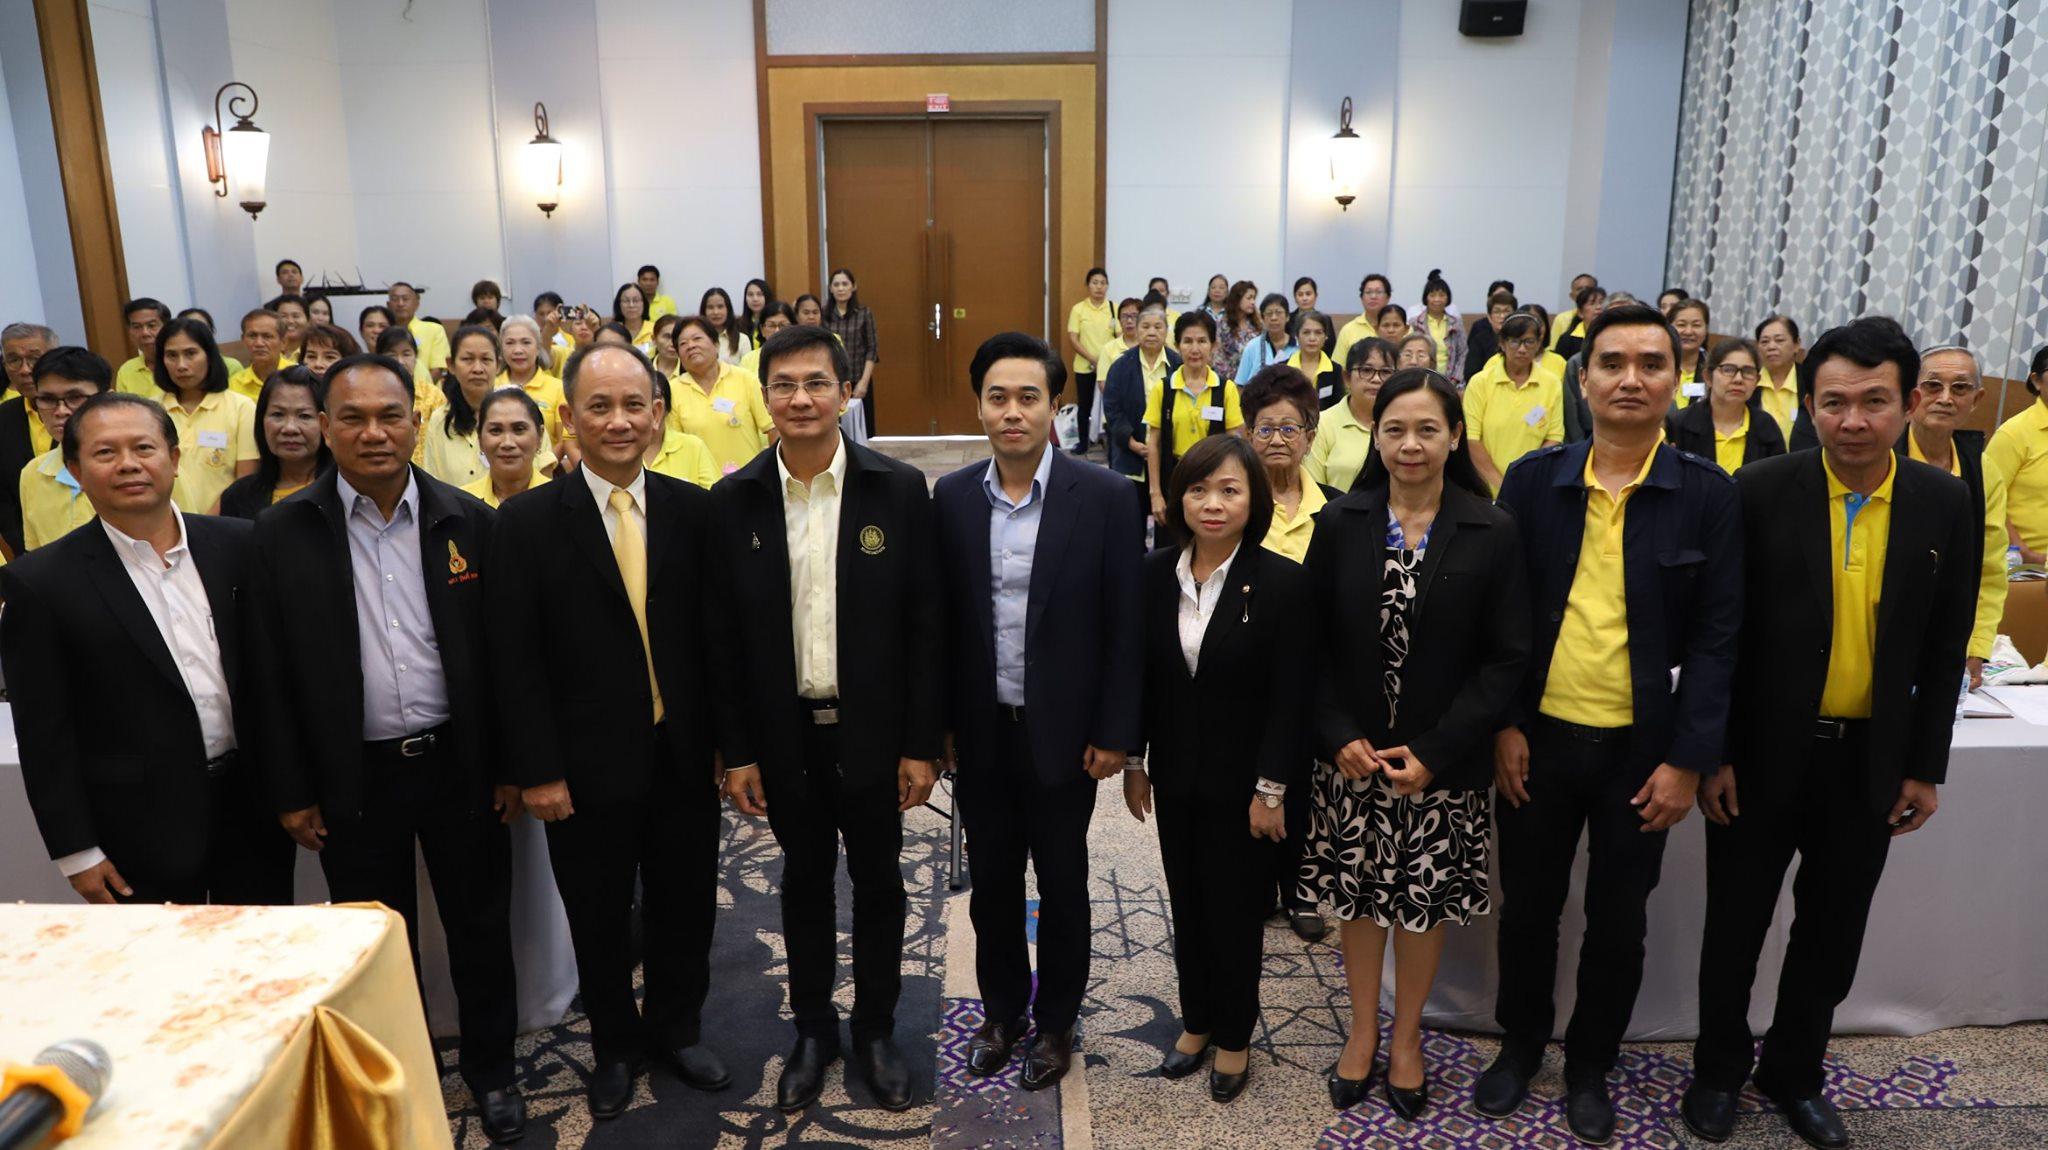 ที่ปรึกษารัฐมนตรีว่าการกระทรวงแรงงาน รศ.ดร.จักษ์  พันธ์ชูเพชร เป็นประธานในพิธีเปิดโครงการสร้างเสริมศักยภาพเครือข่ายอาสาสมัครแรงงาน ณ โรงแรม เซ็นทรัลเพลส จังหวัดสมุทรสาคร